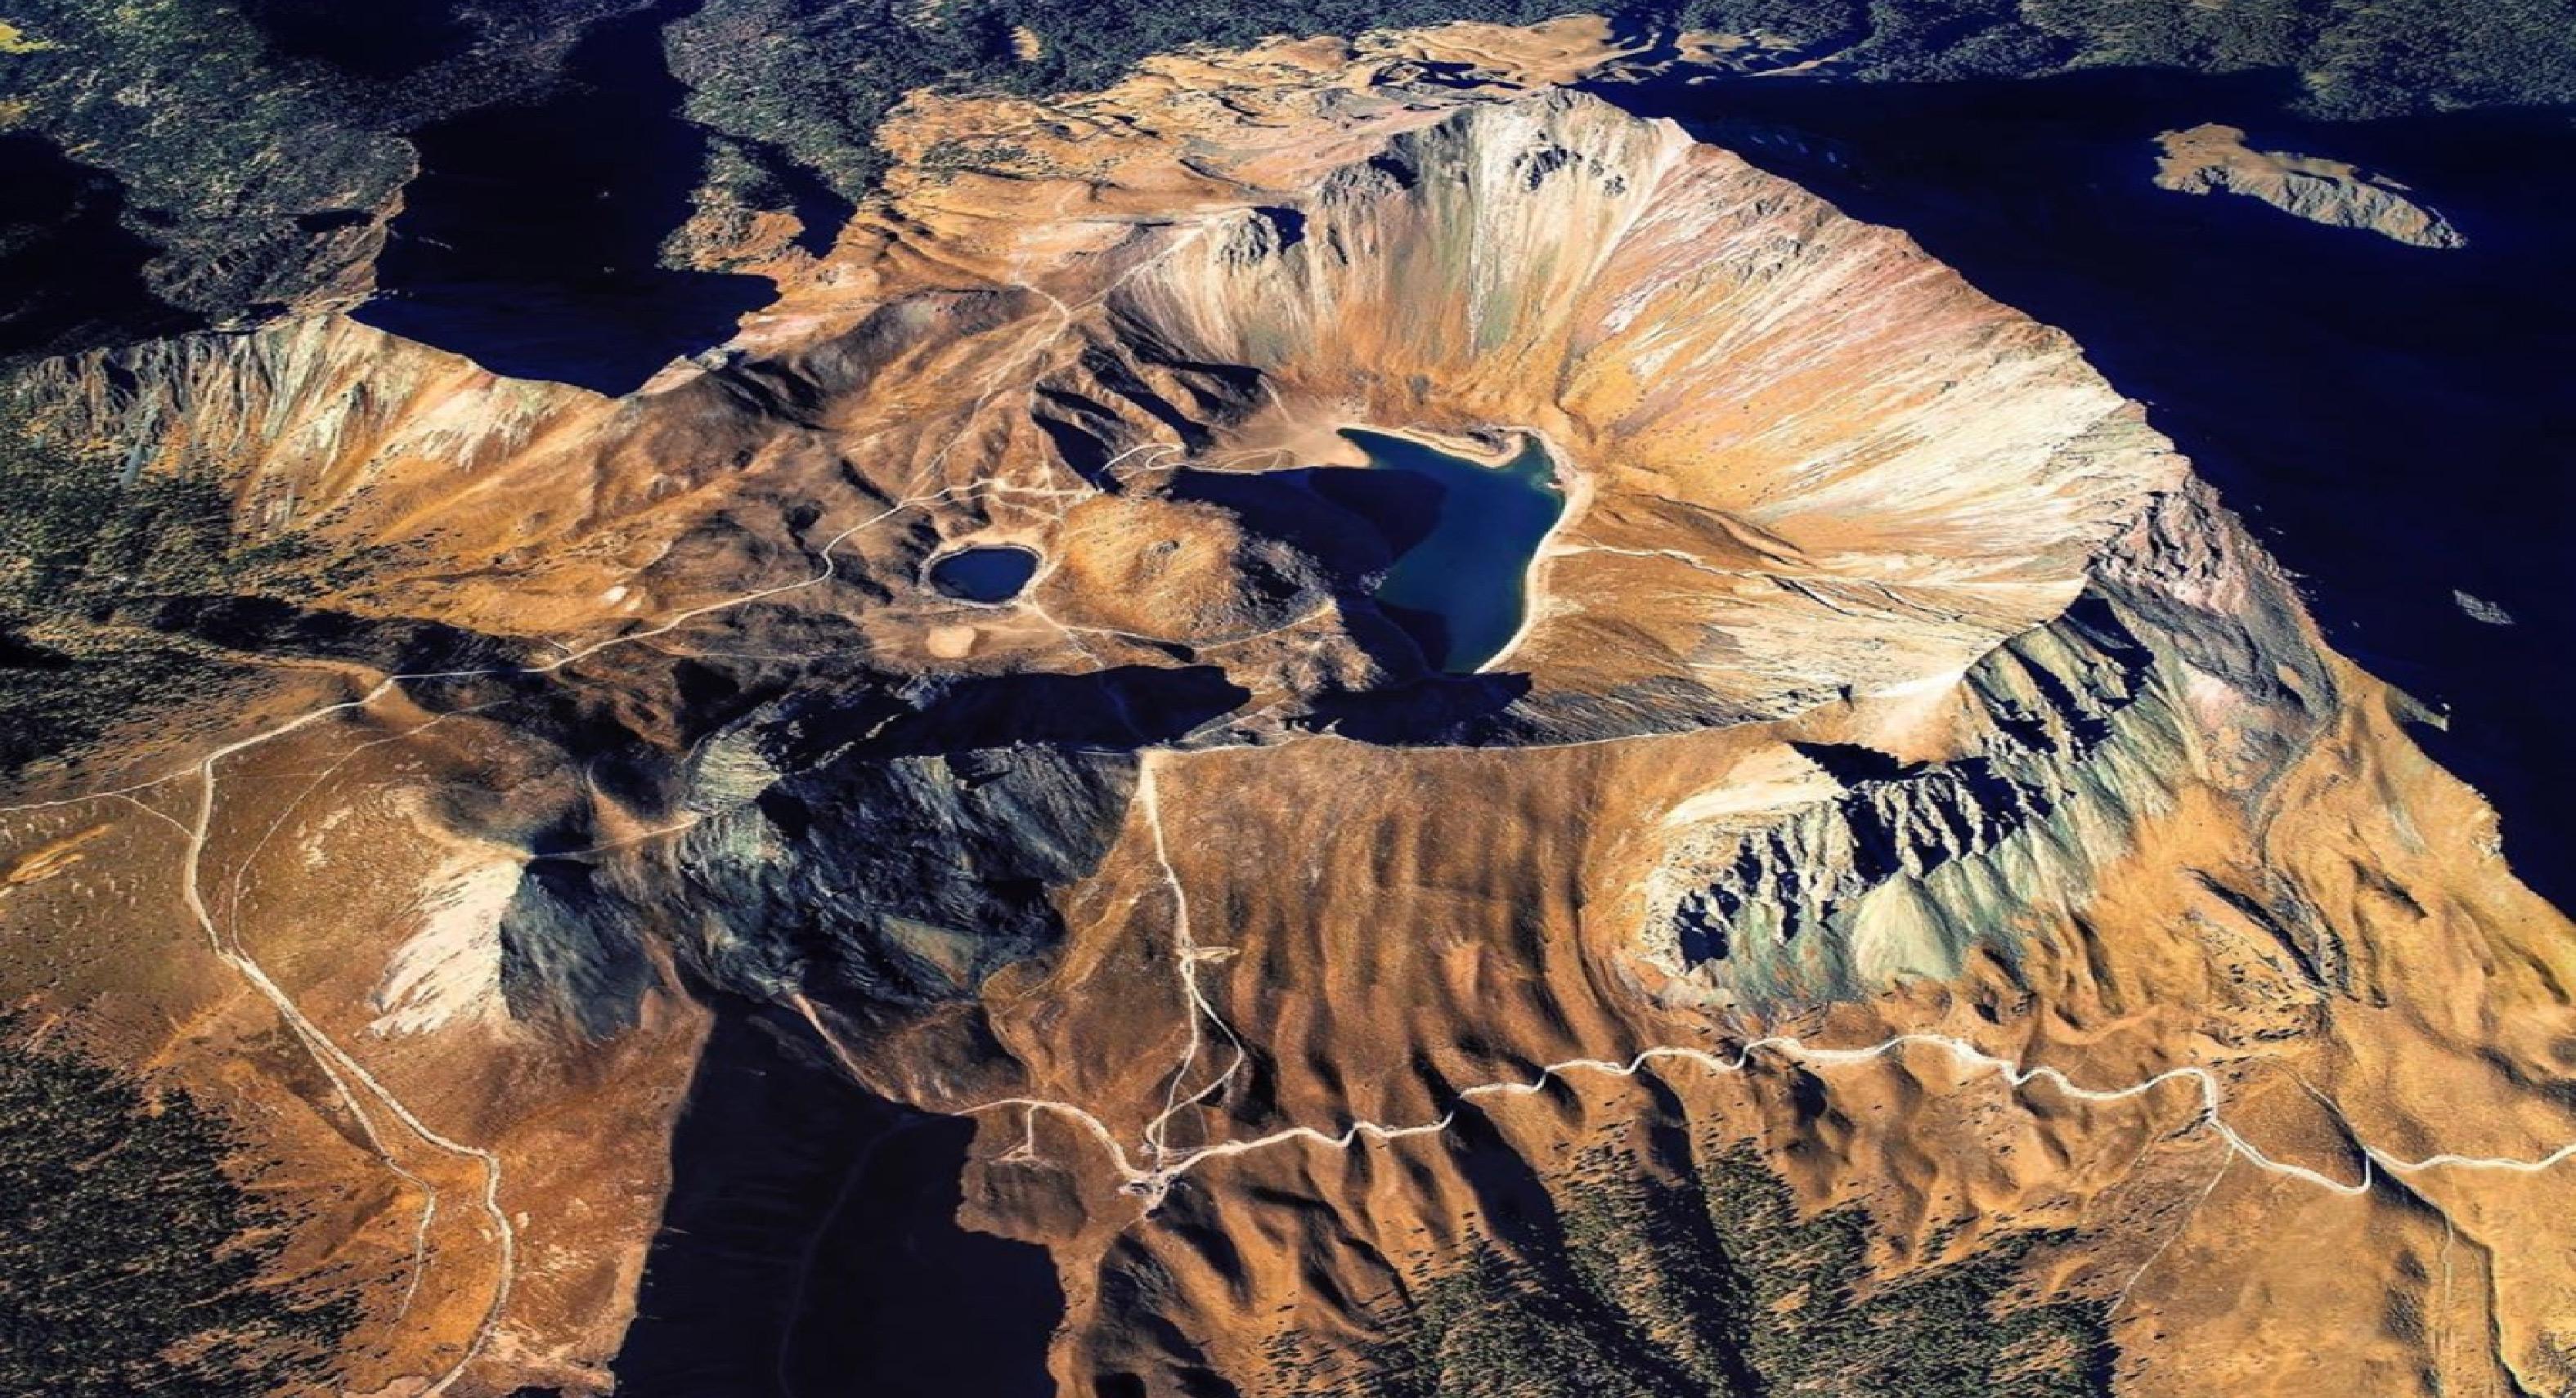 Estudio asegura que Nevado de Toluca podría erupcionar catastróficamente